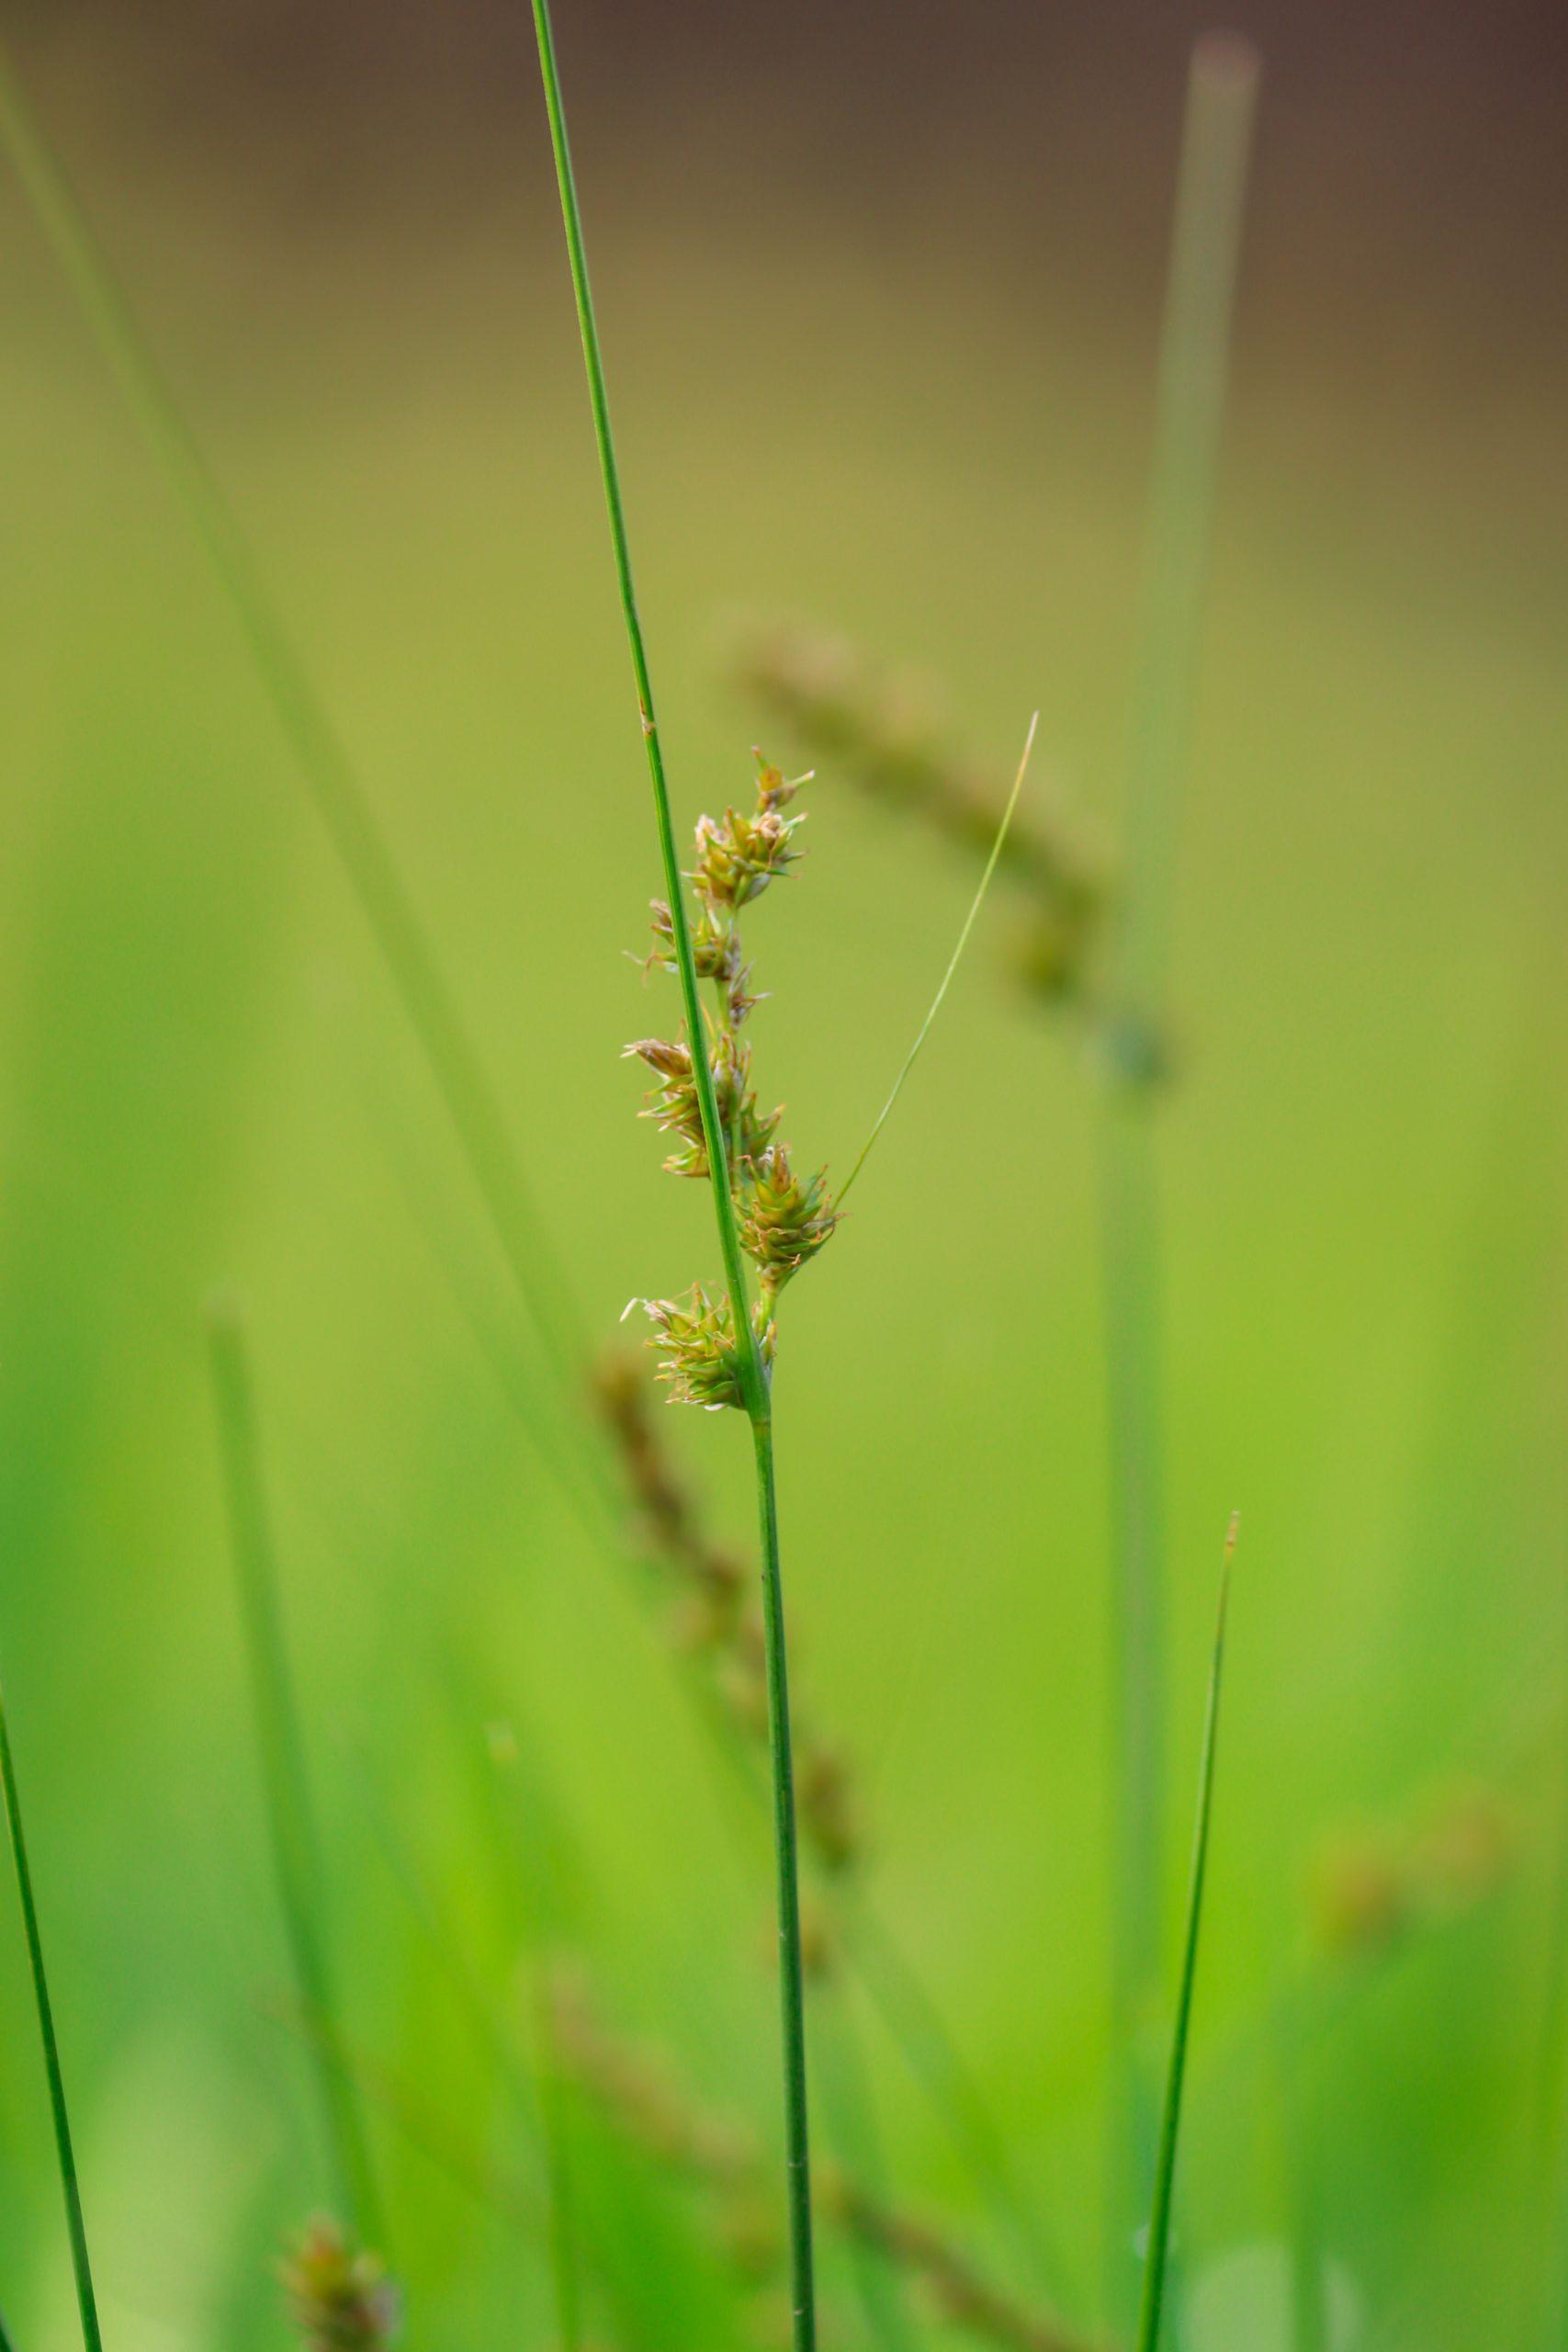 Seeds of a grass straw